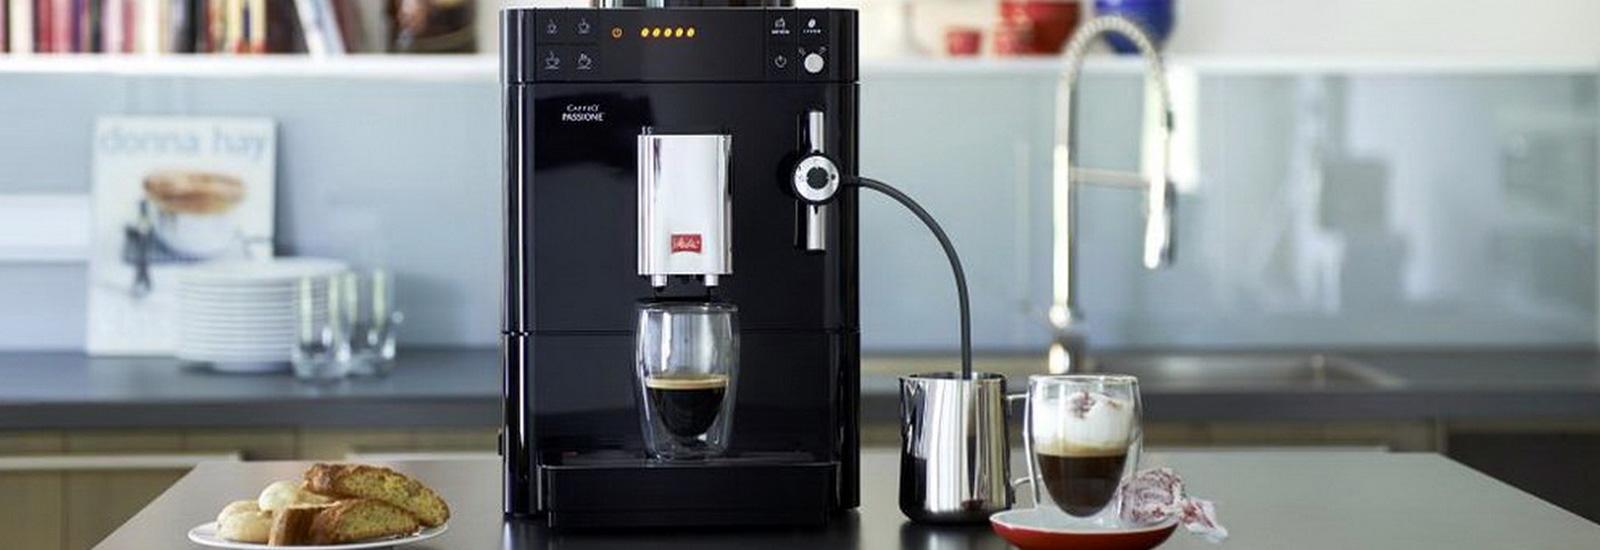 Ремонт кофемашин: основные причины поломки